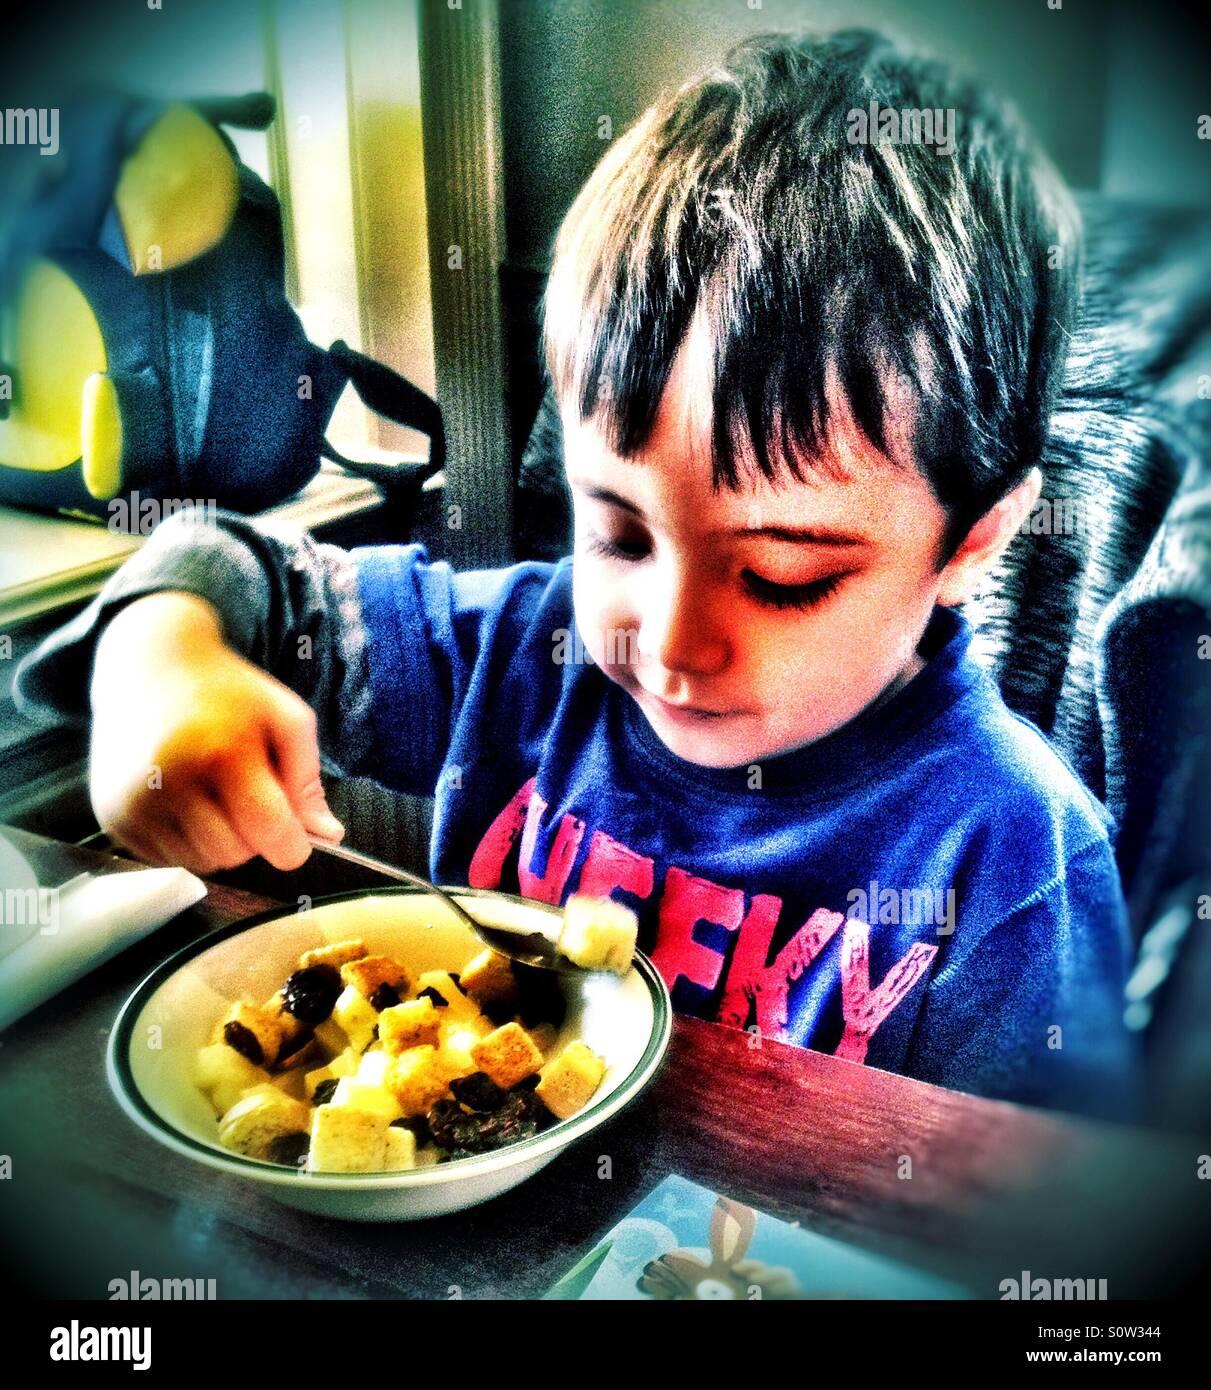 Un muchacho de comer una ensalada de piña, maíz dulce, pasas y crotones. Imagen De Stock